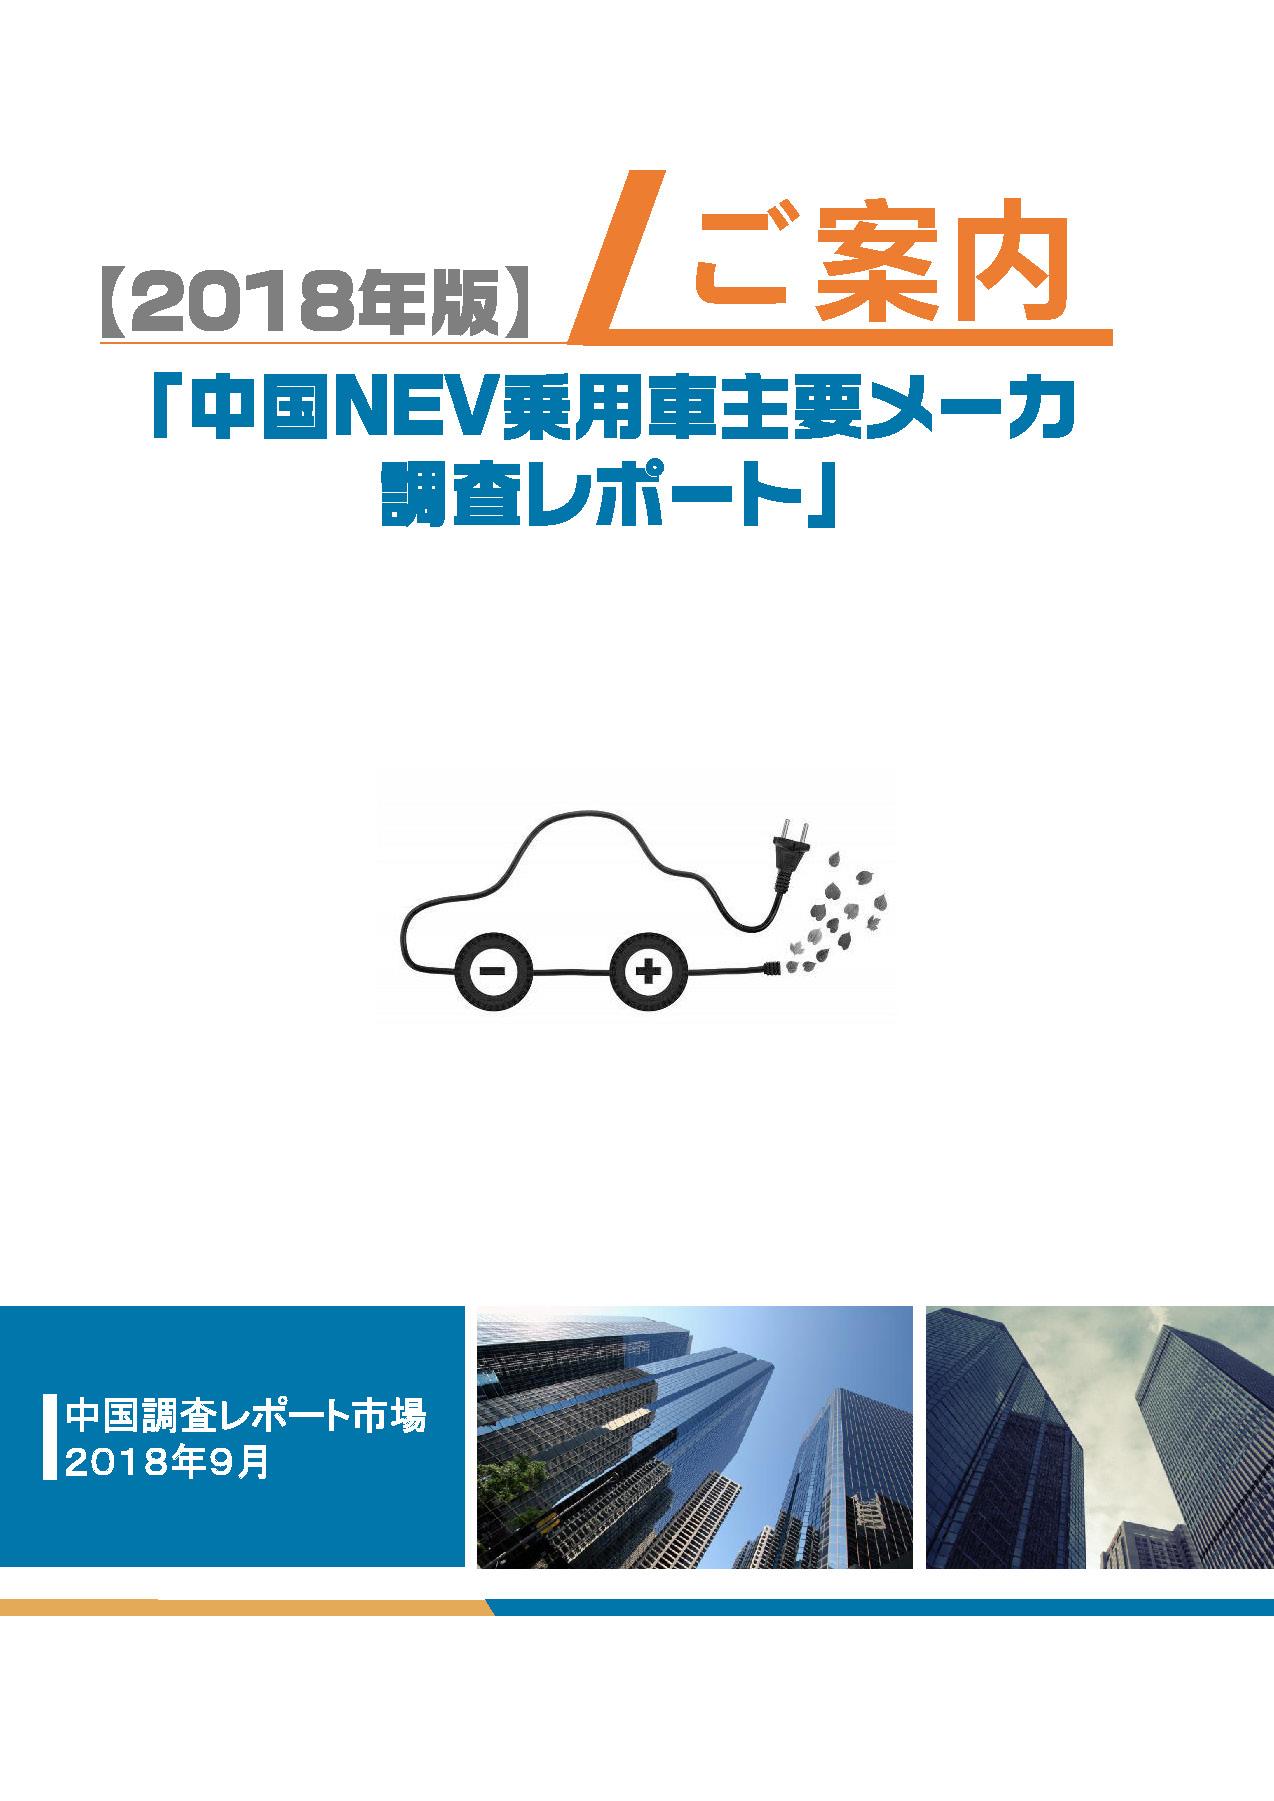 中国NEV乗用車主要メーカー調査レポート2018版 ご案内